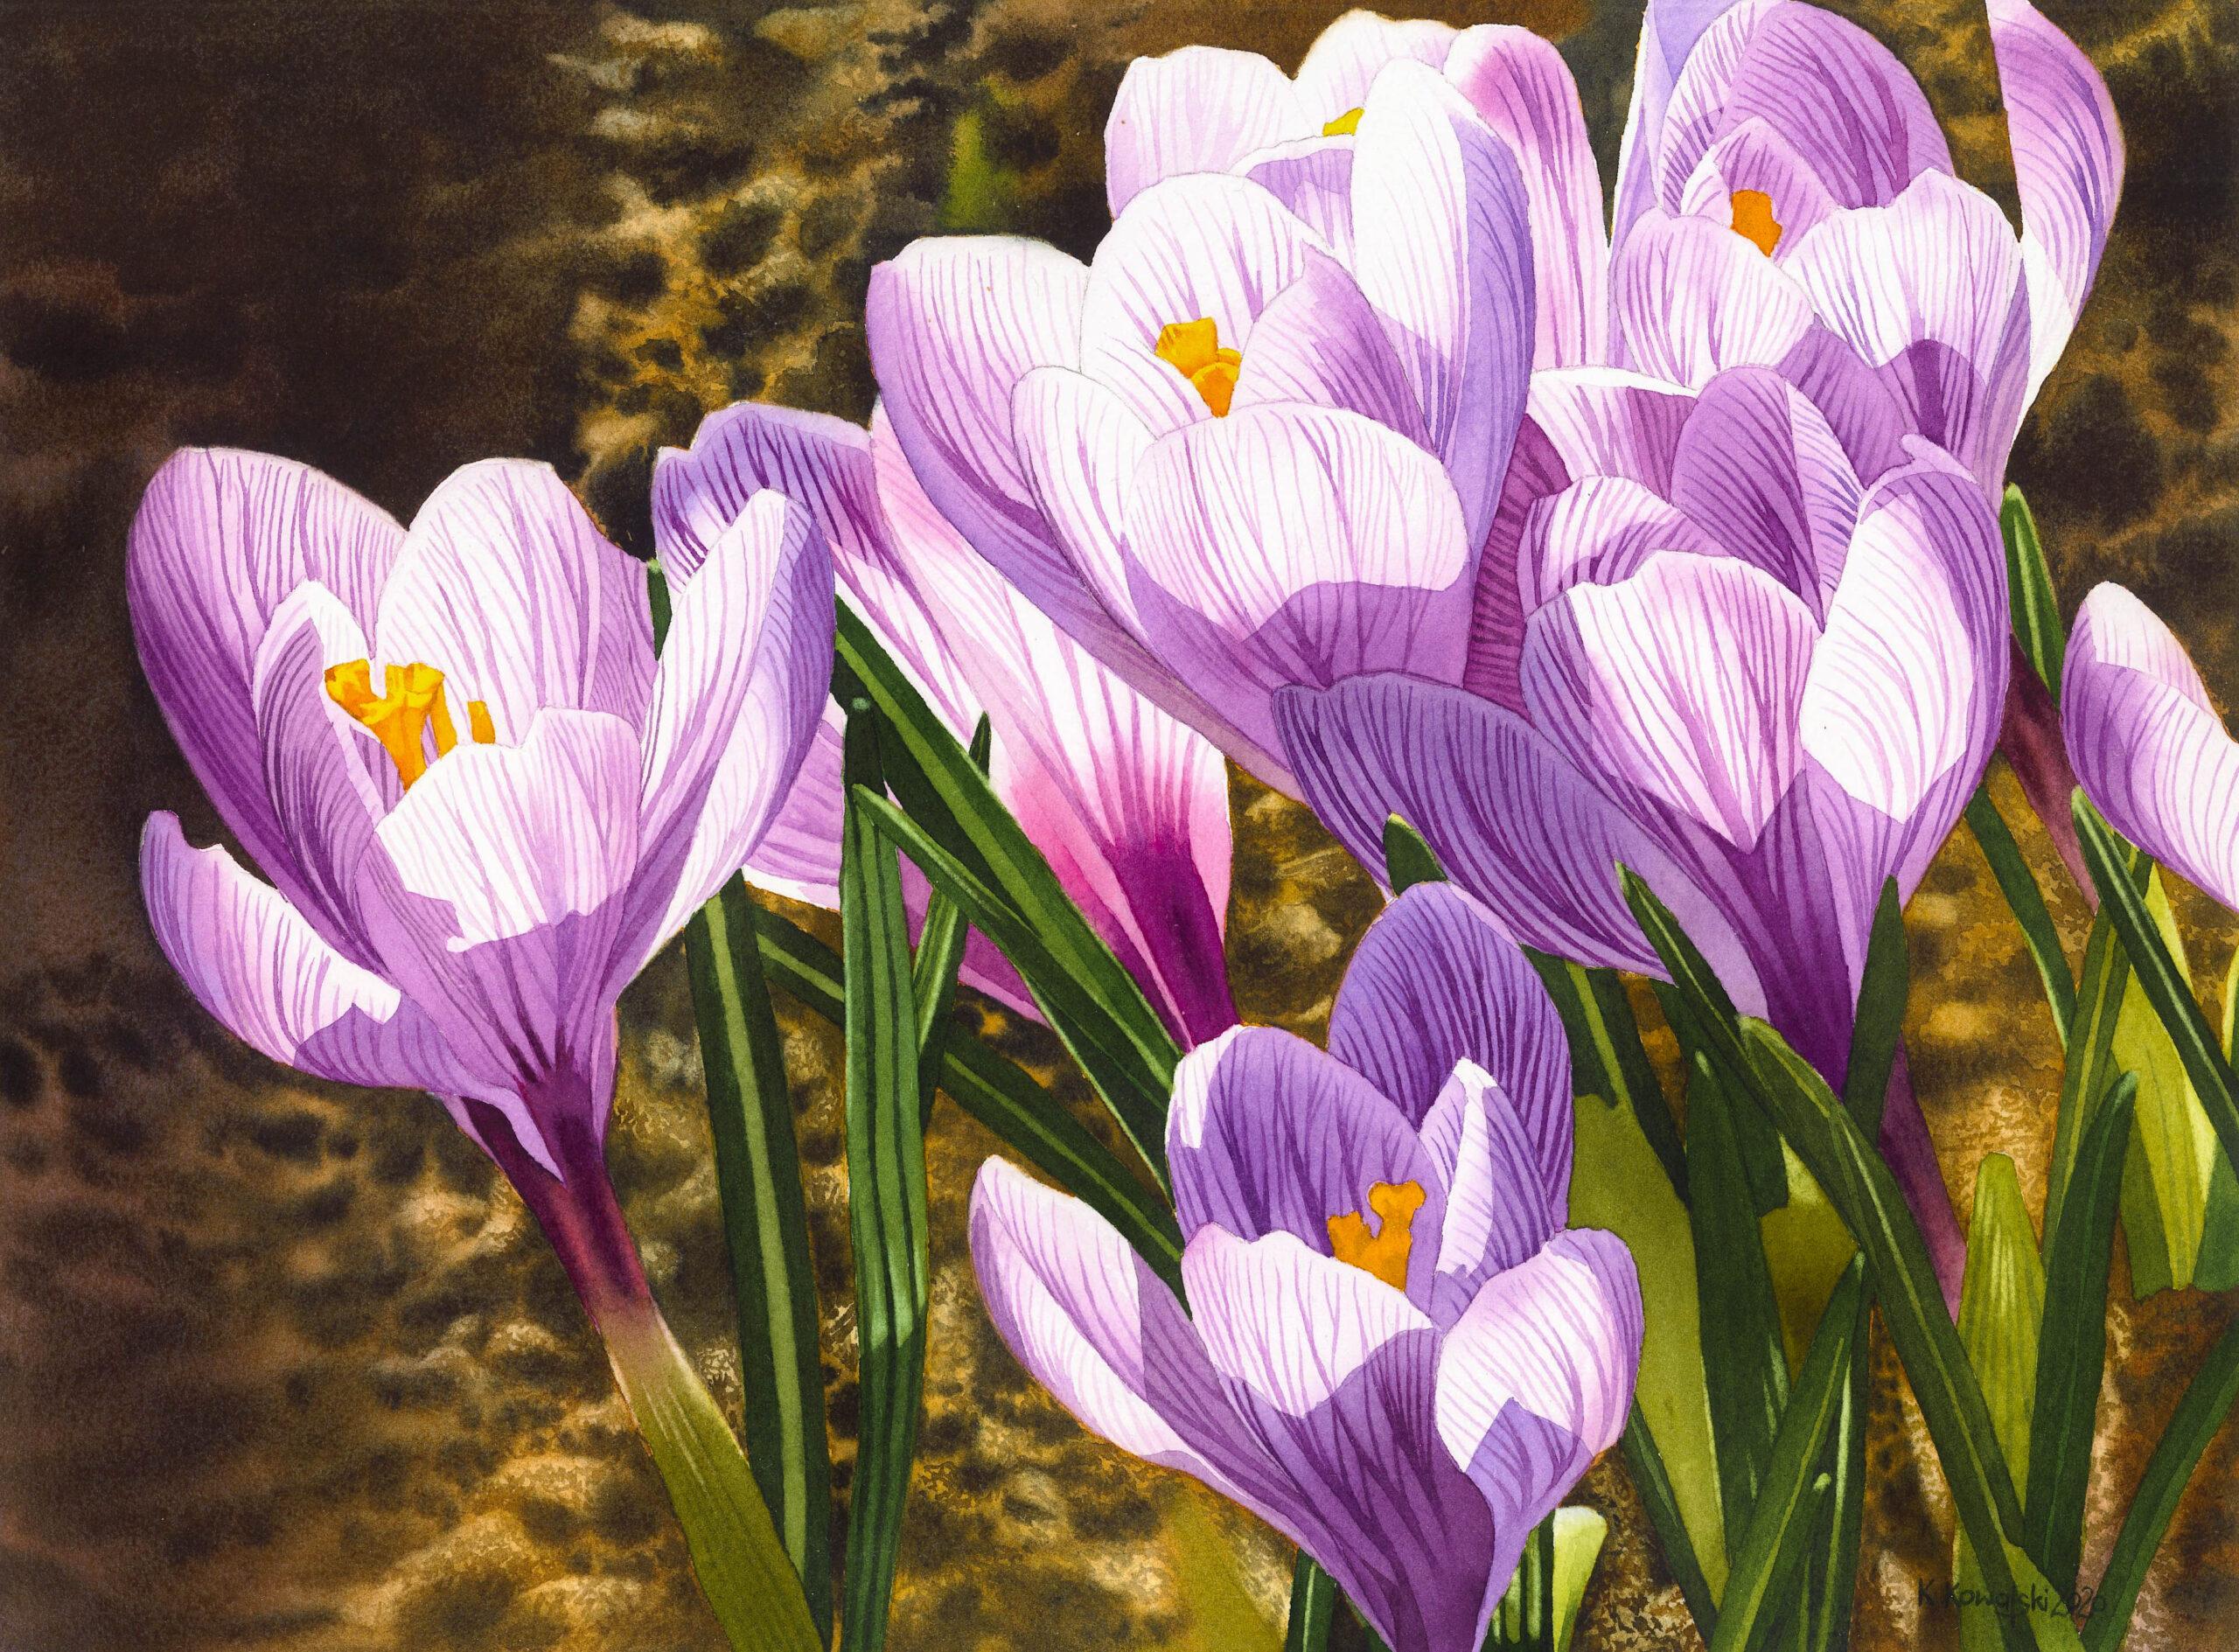 Early Spring, 2020. Krzysztof Kowalski. Jackson's Painting Prize.